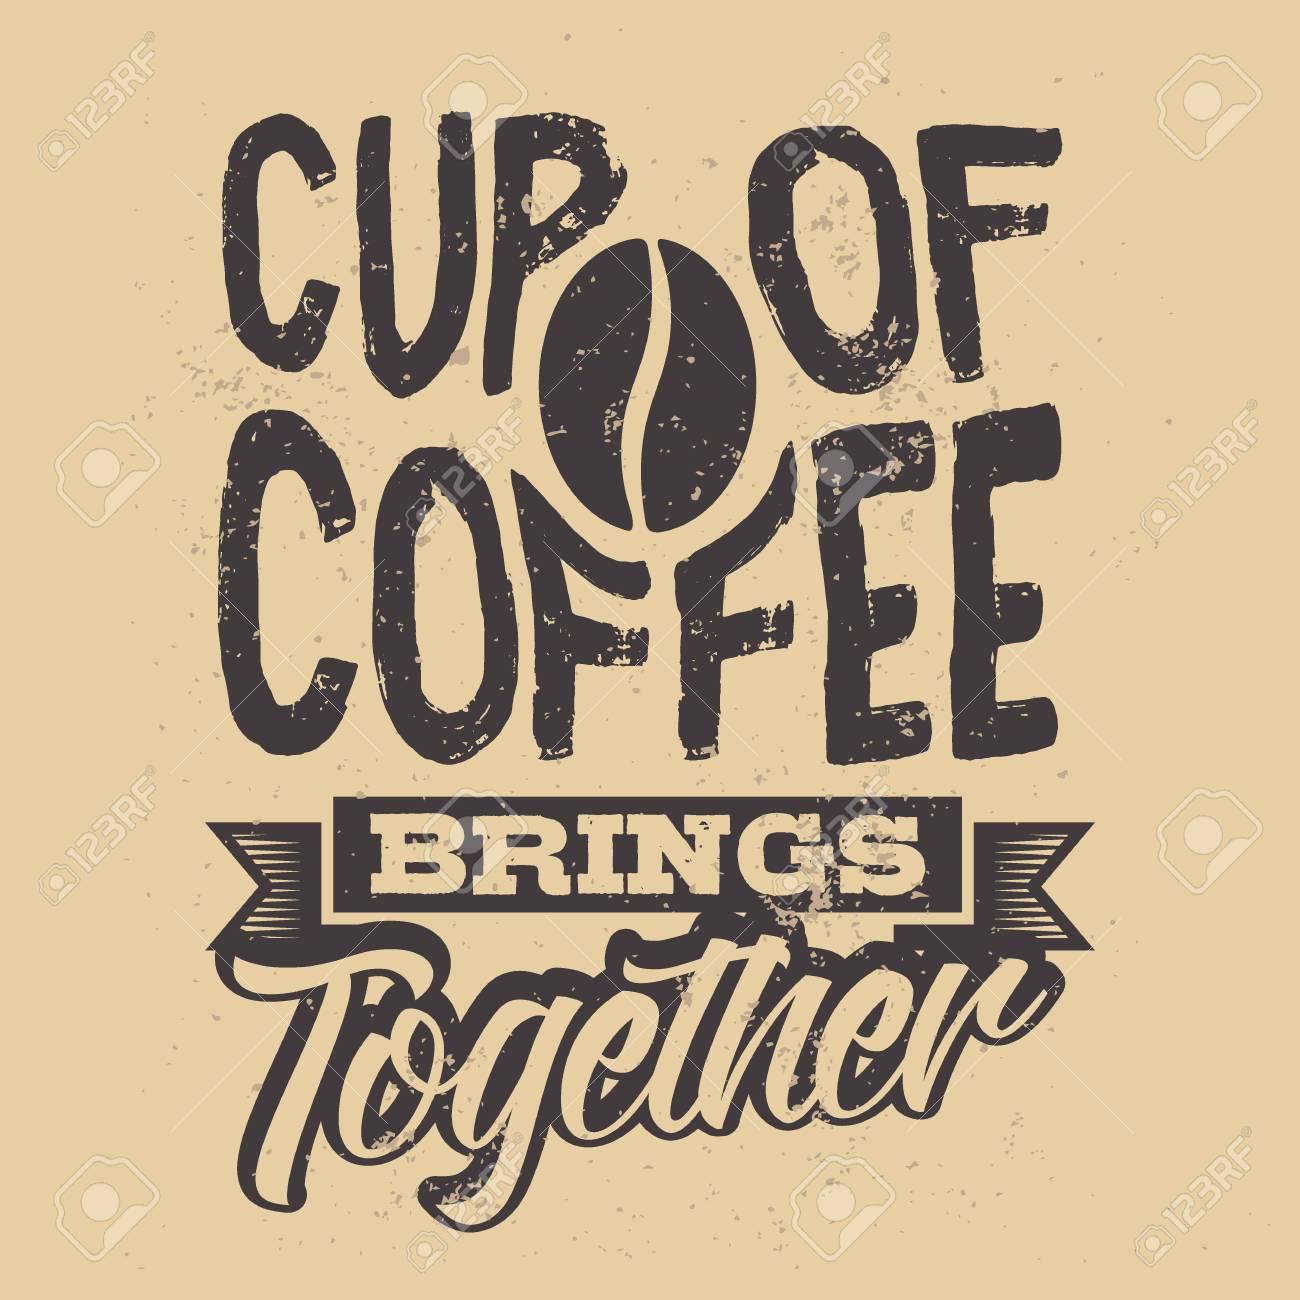 Étonnant Affiche Avec Un Slogan De Café Dessiné à La Main. Illustration OL-02